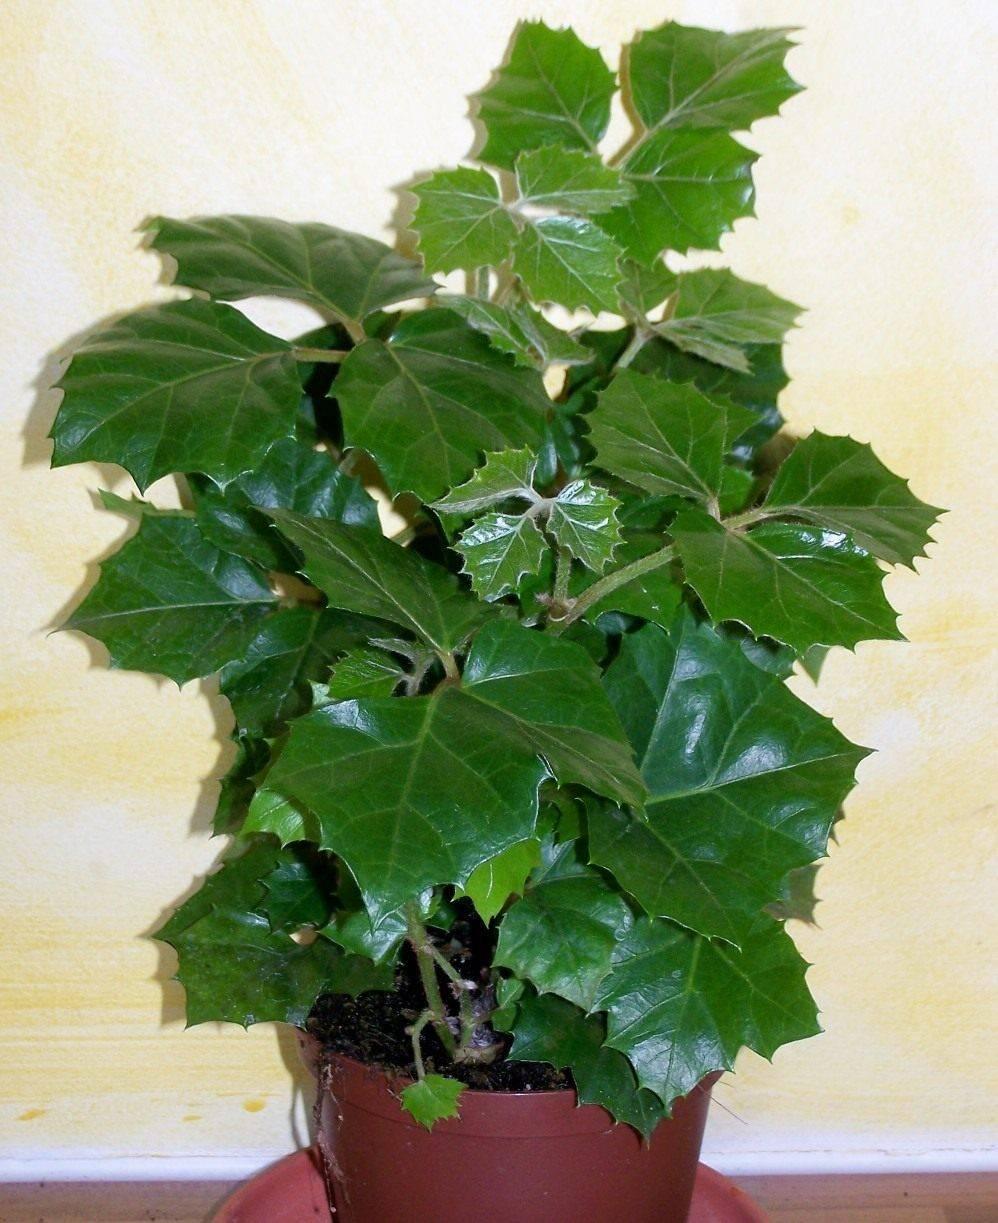 Домашнее растение «березка» (роициссус): уход в домашних условиях, фото, польза и вред комнатного цветка